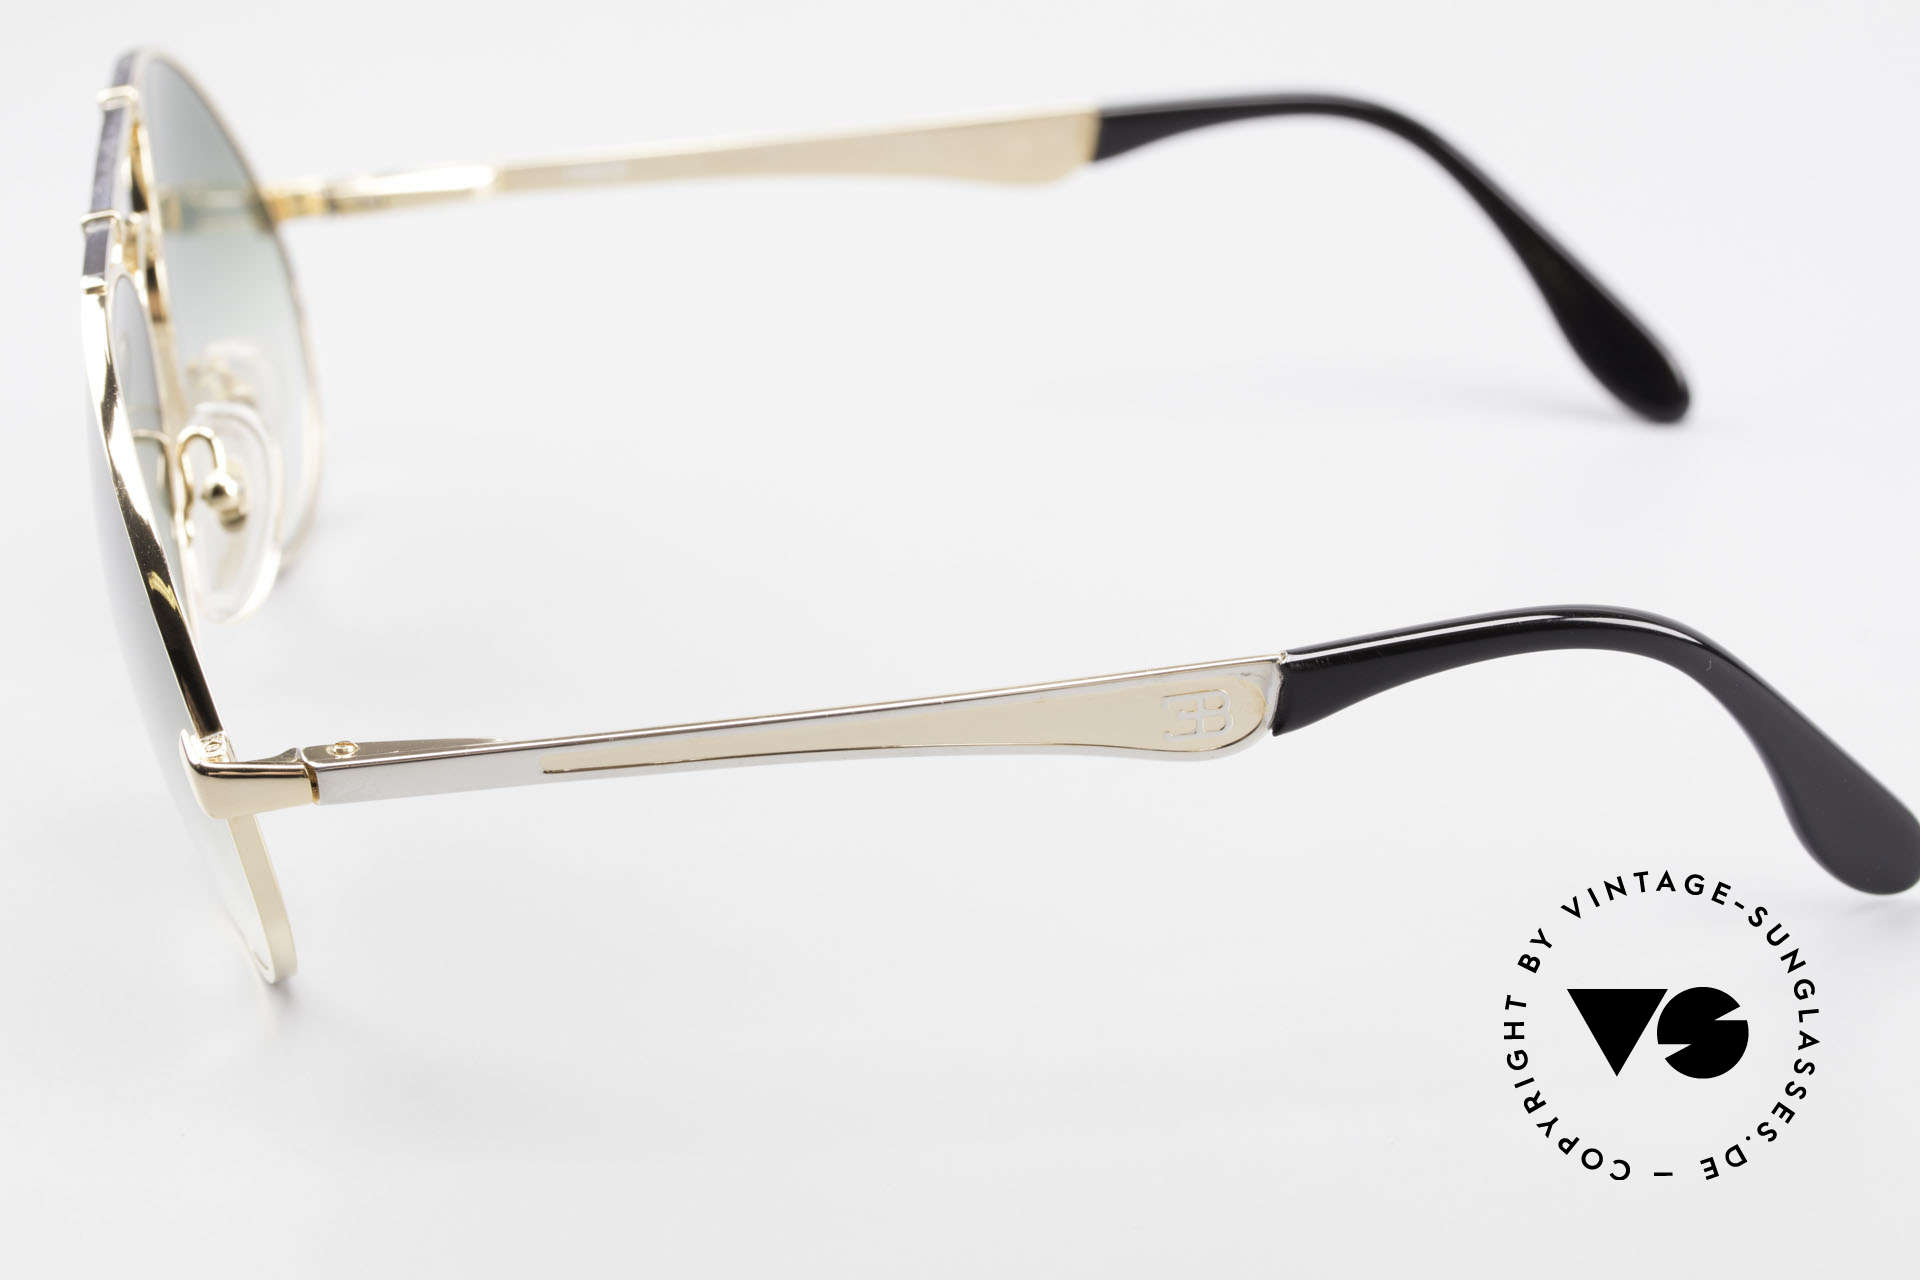 Bugatti 11908 80er Luxus Sonnenbrille XLarge, Rahmen gold/silber; Brücke wie eine Blattfeder, Passend für Herren